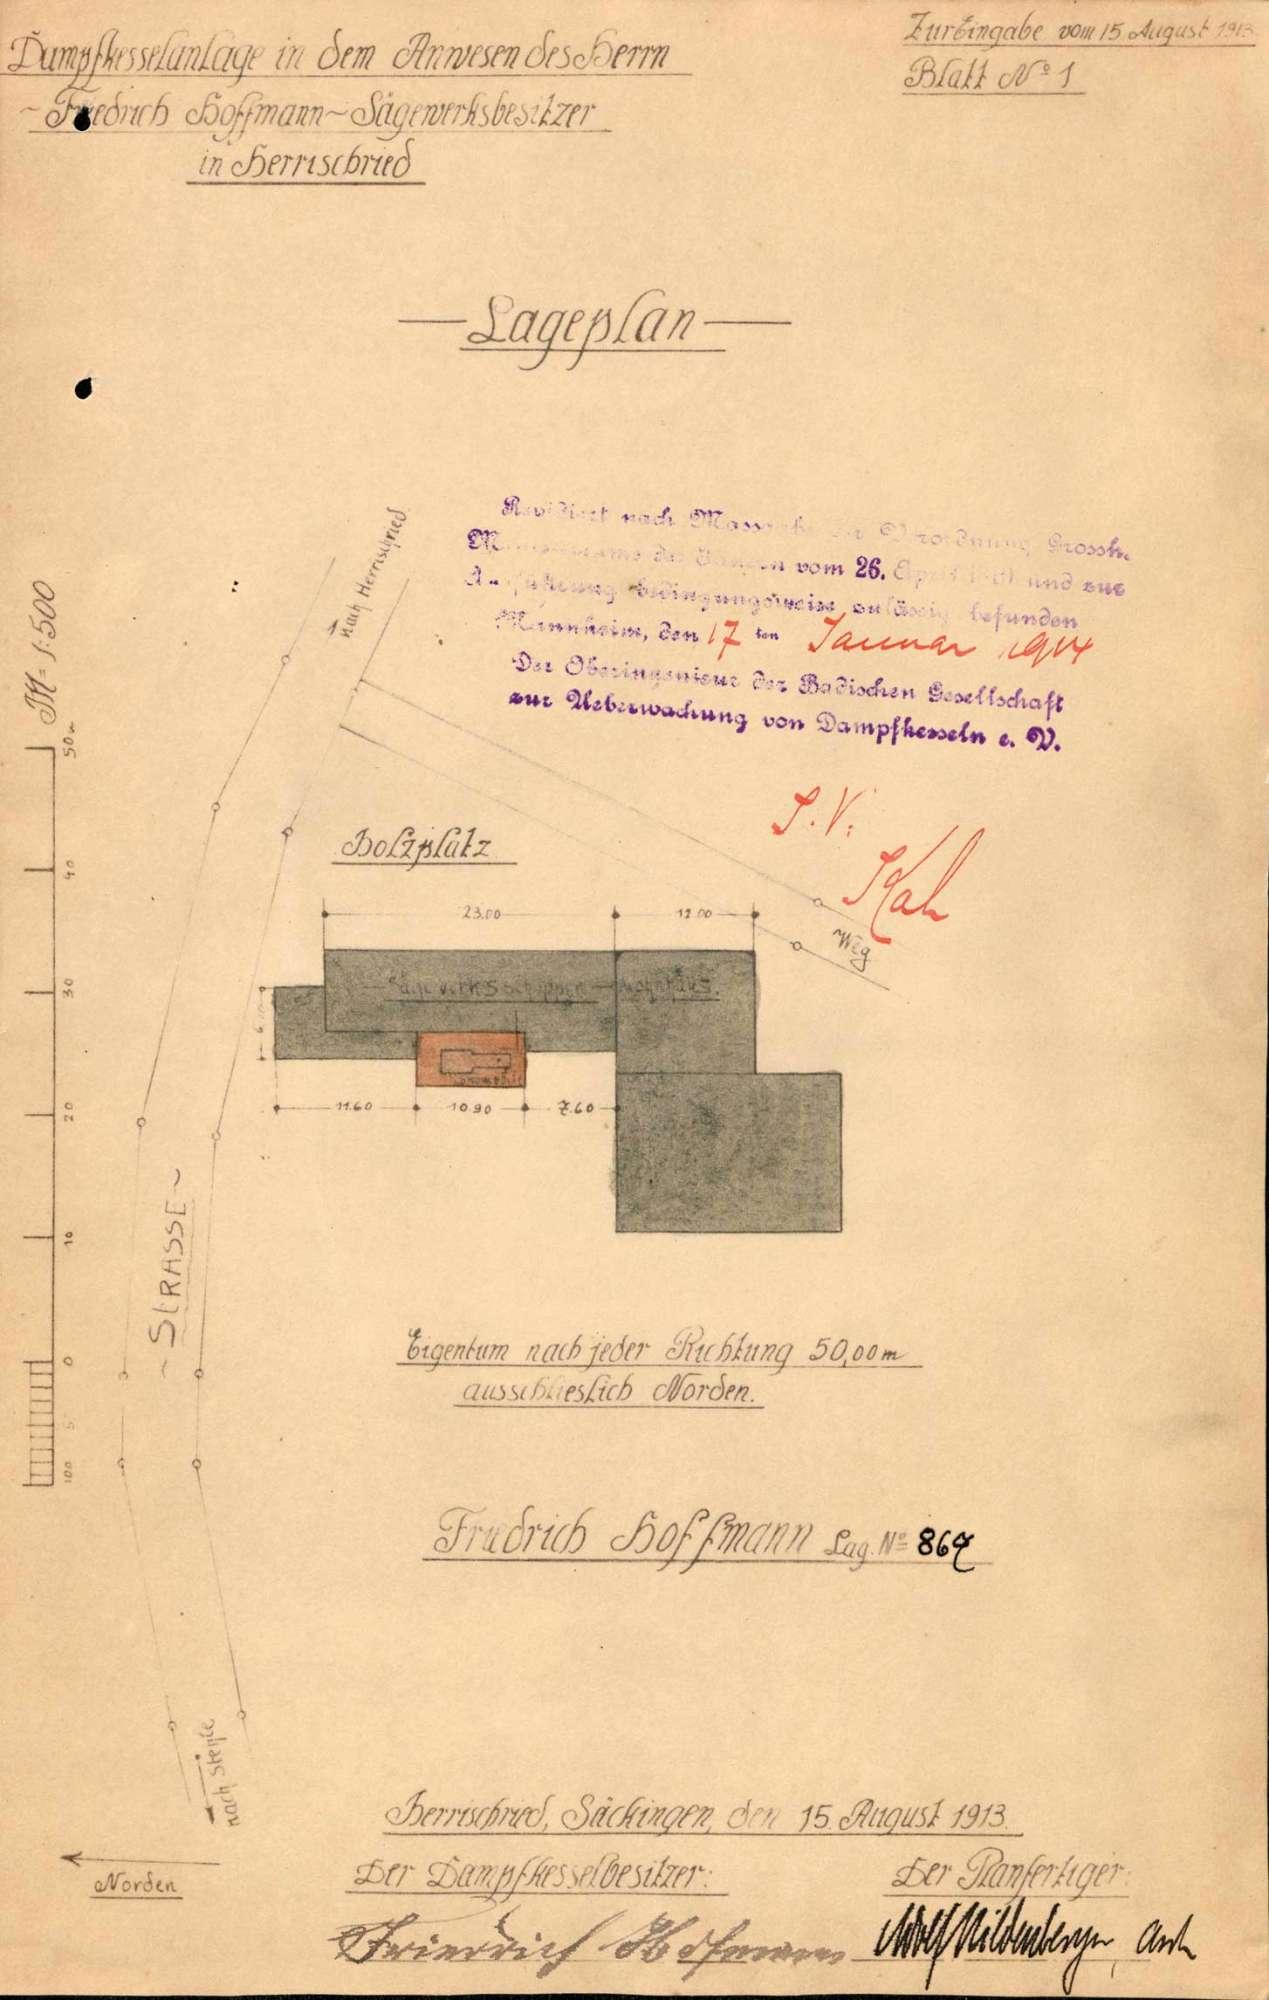 Dampfkessel der Firma Friedrich Hofmann in Herrischried, Bild 1